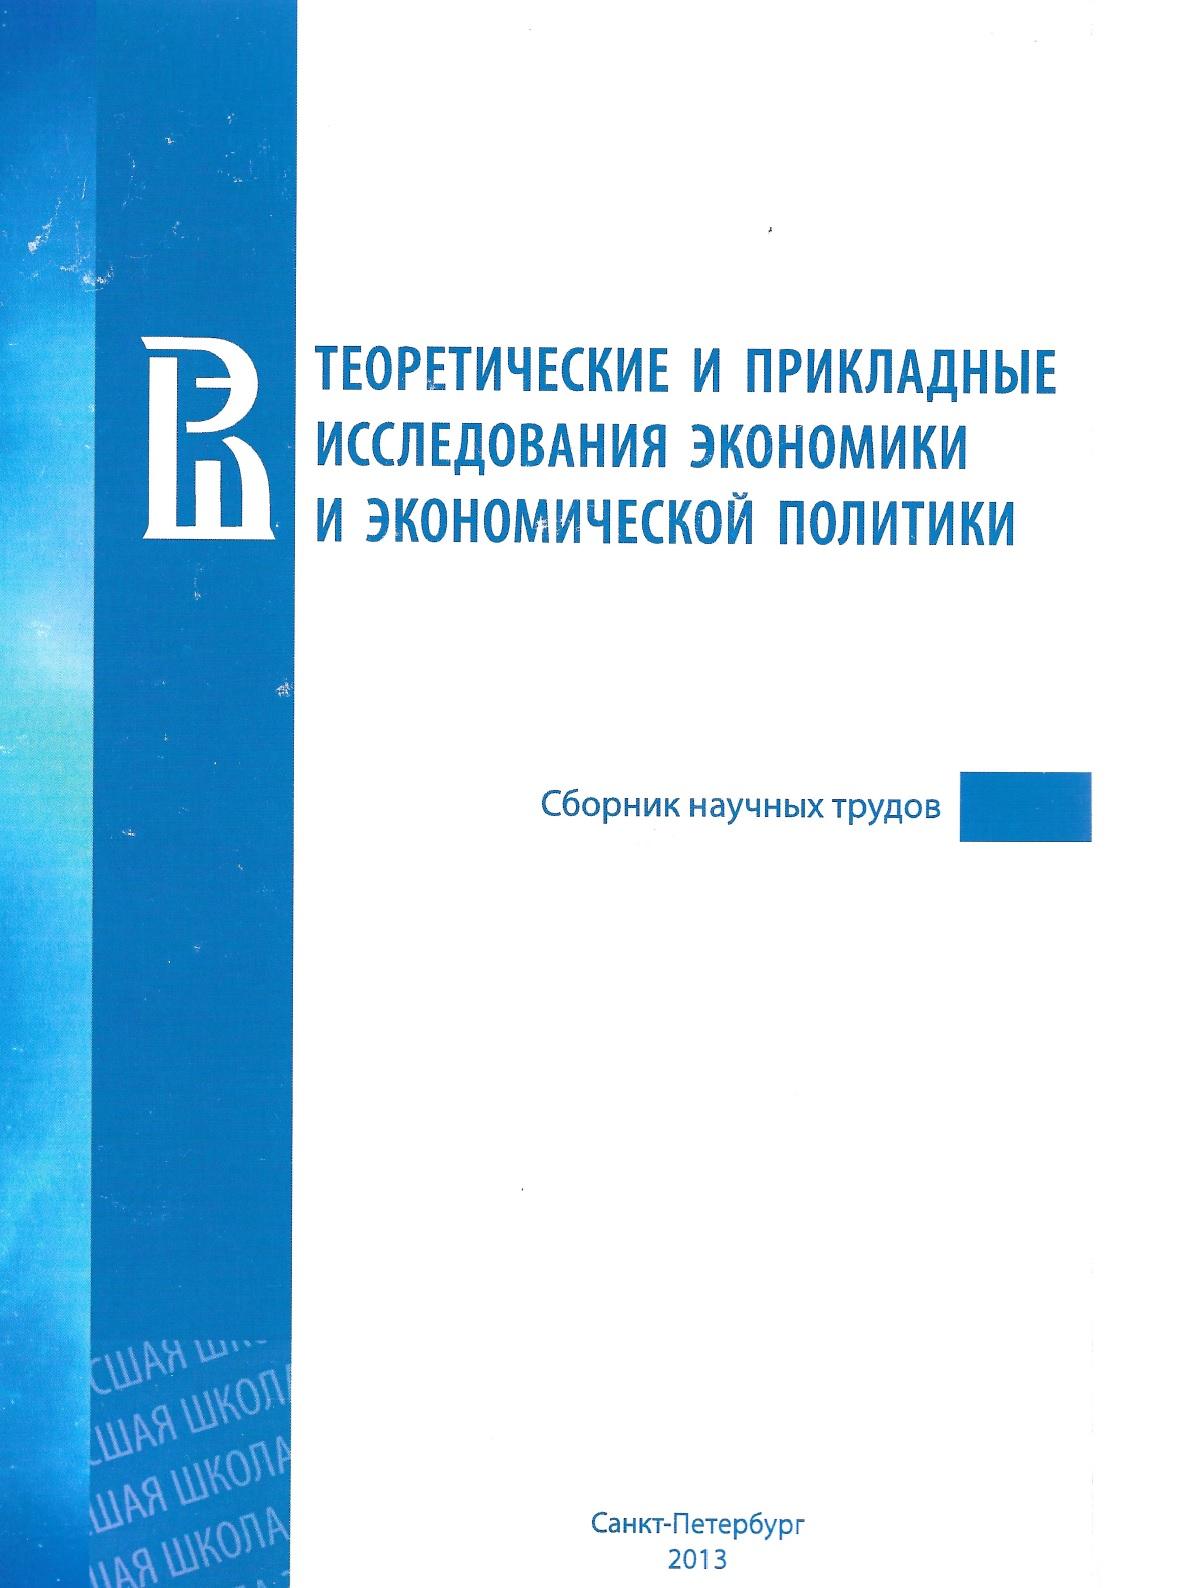 Теоретические и прикладные исследования экономики и экономической политики: сборник научных трудов